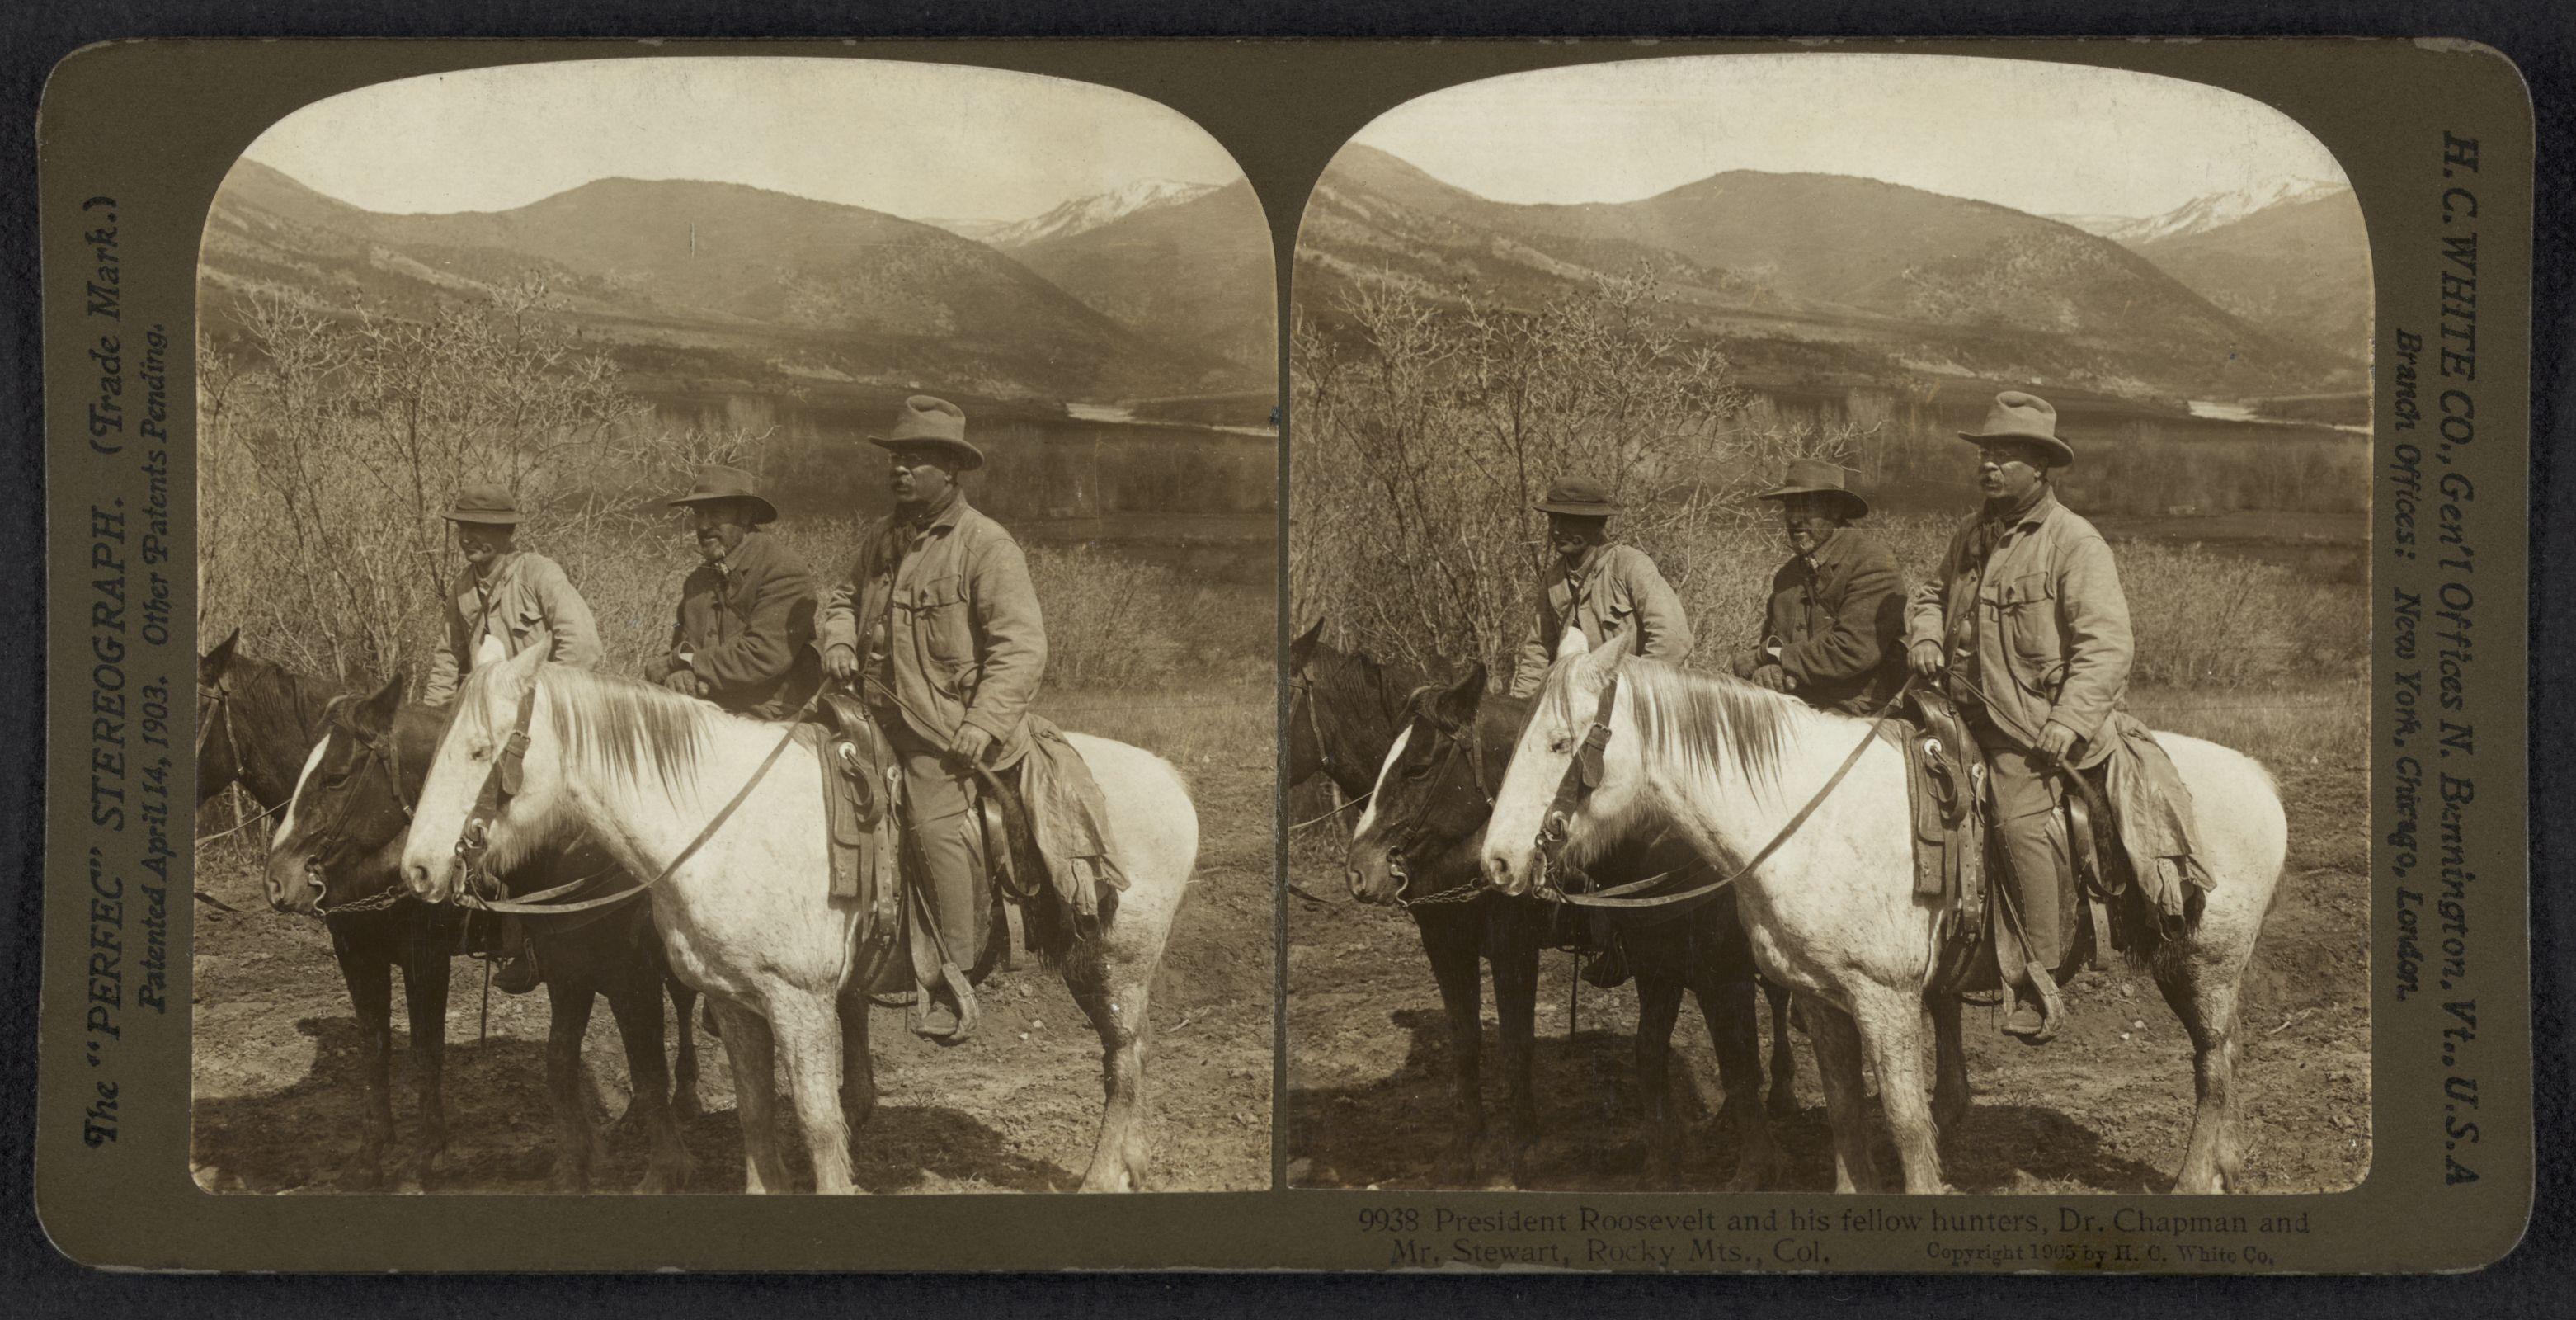 Roosevelt in Colorado